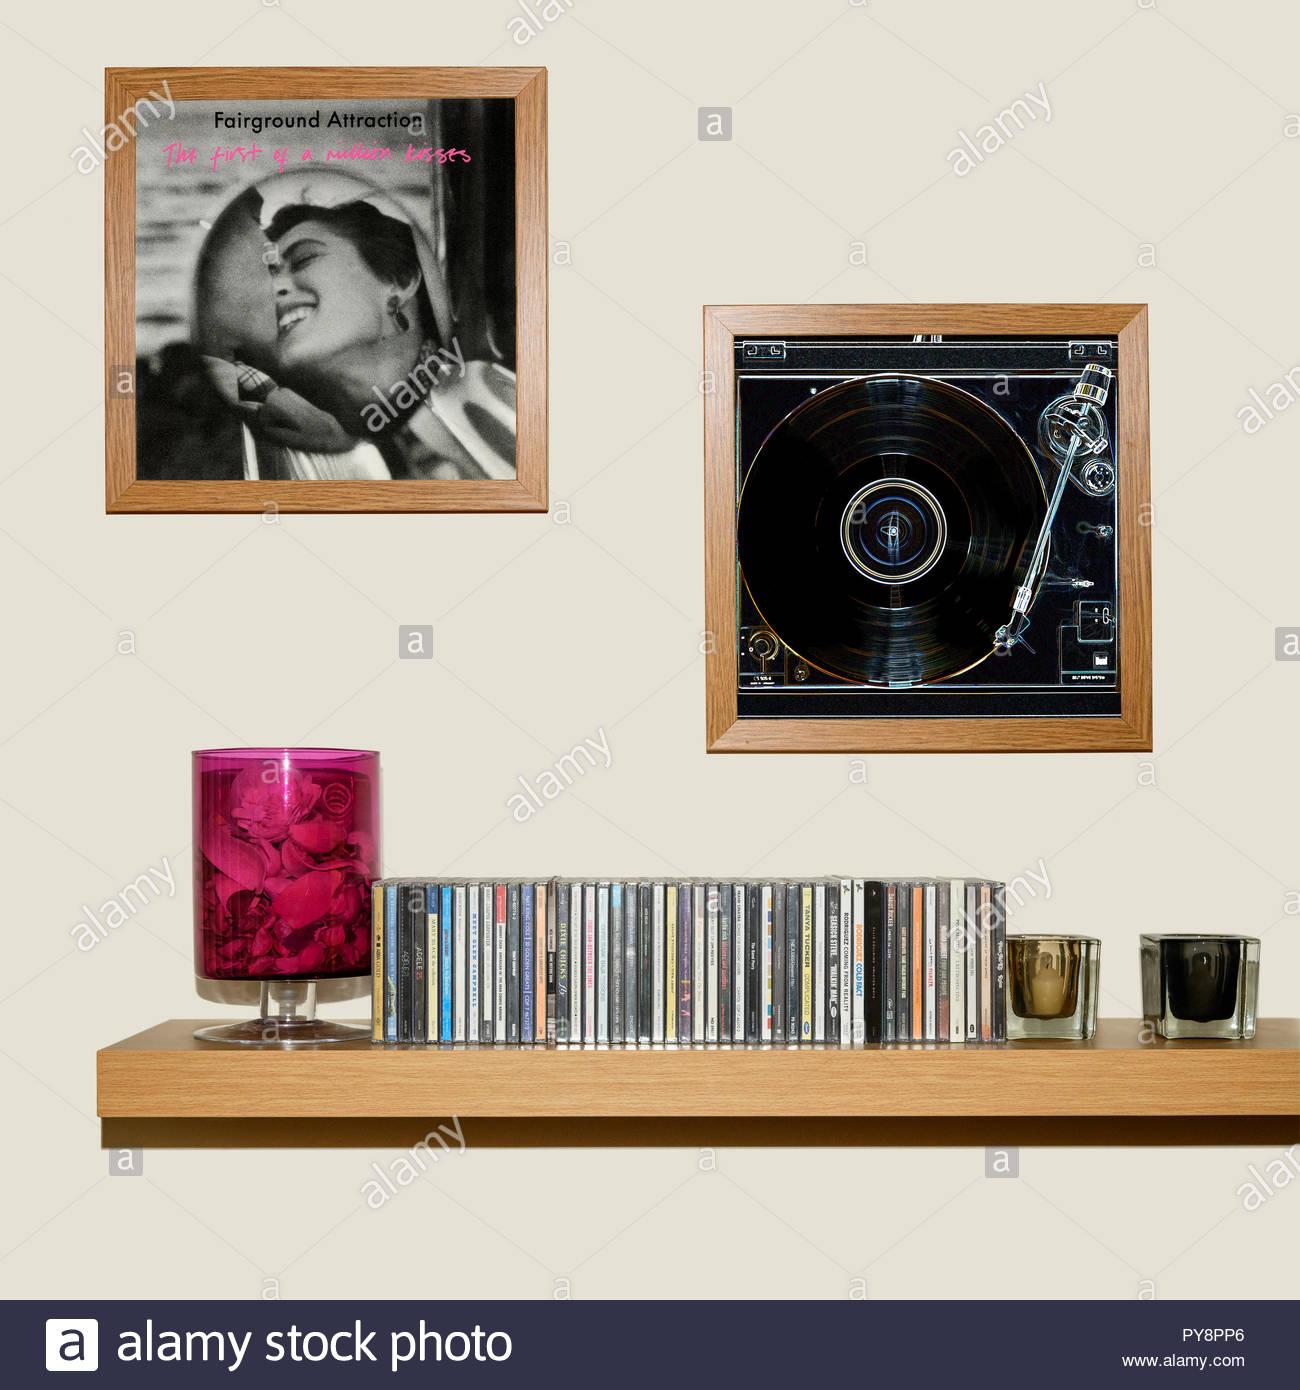 Collection de CD et pans de Fairground Attraction 1988 Le Premier album d'un million de baisers, Angleterre Photo Stock